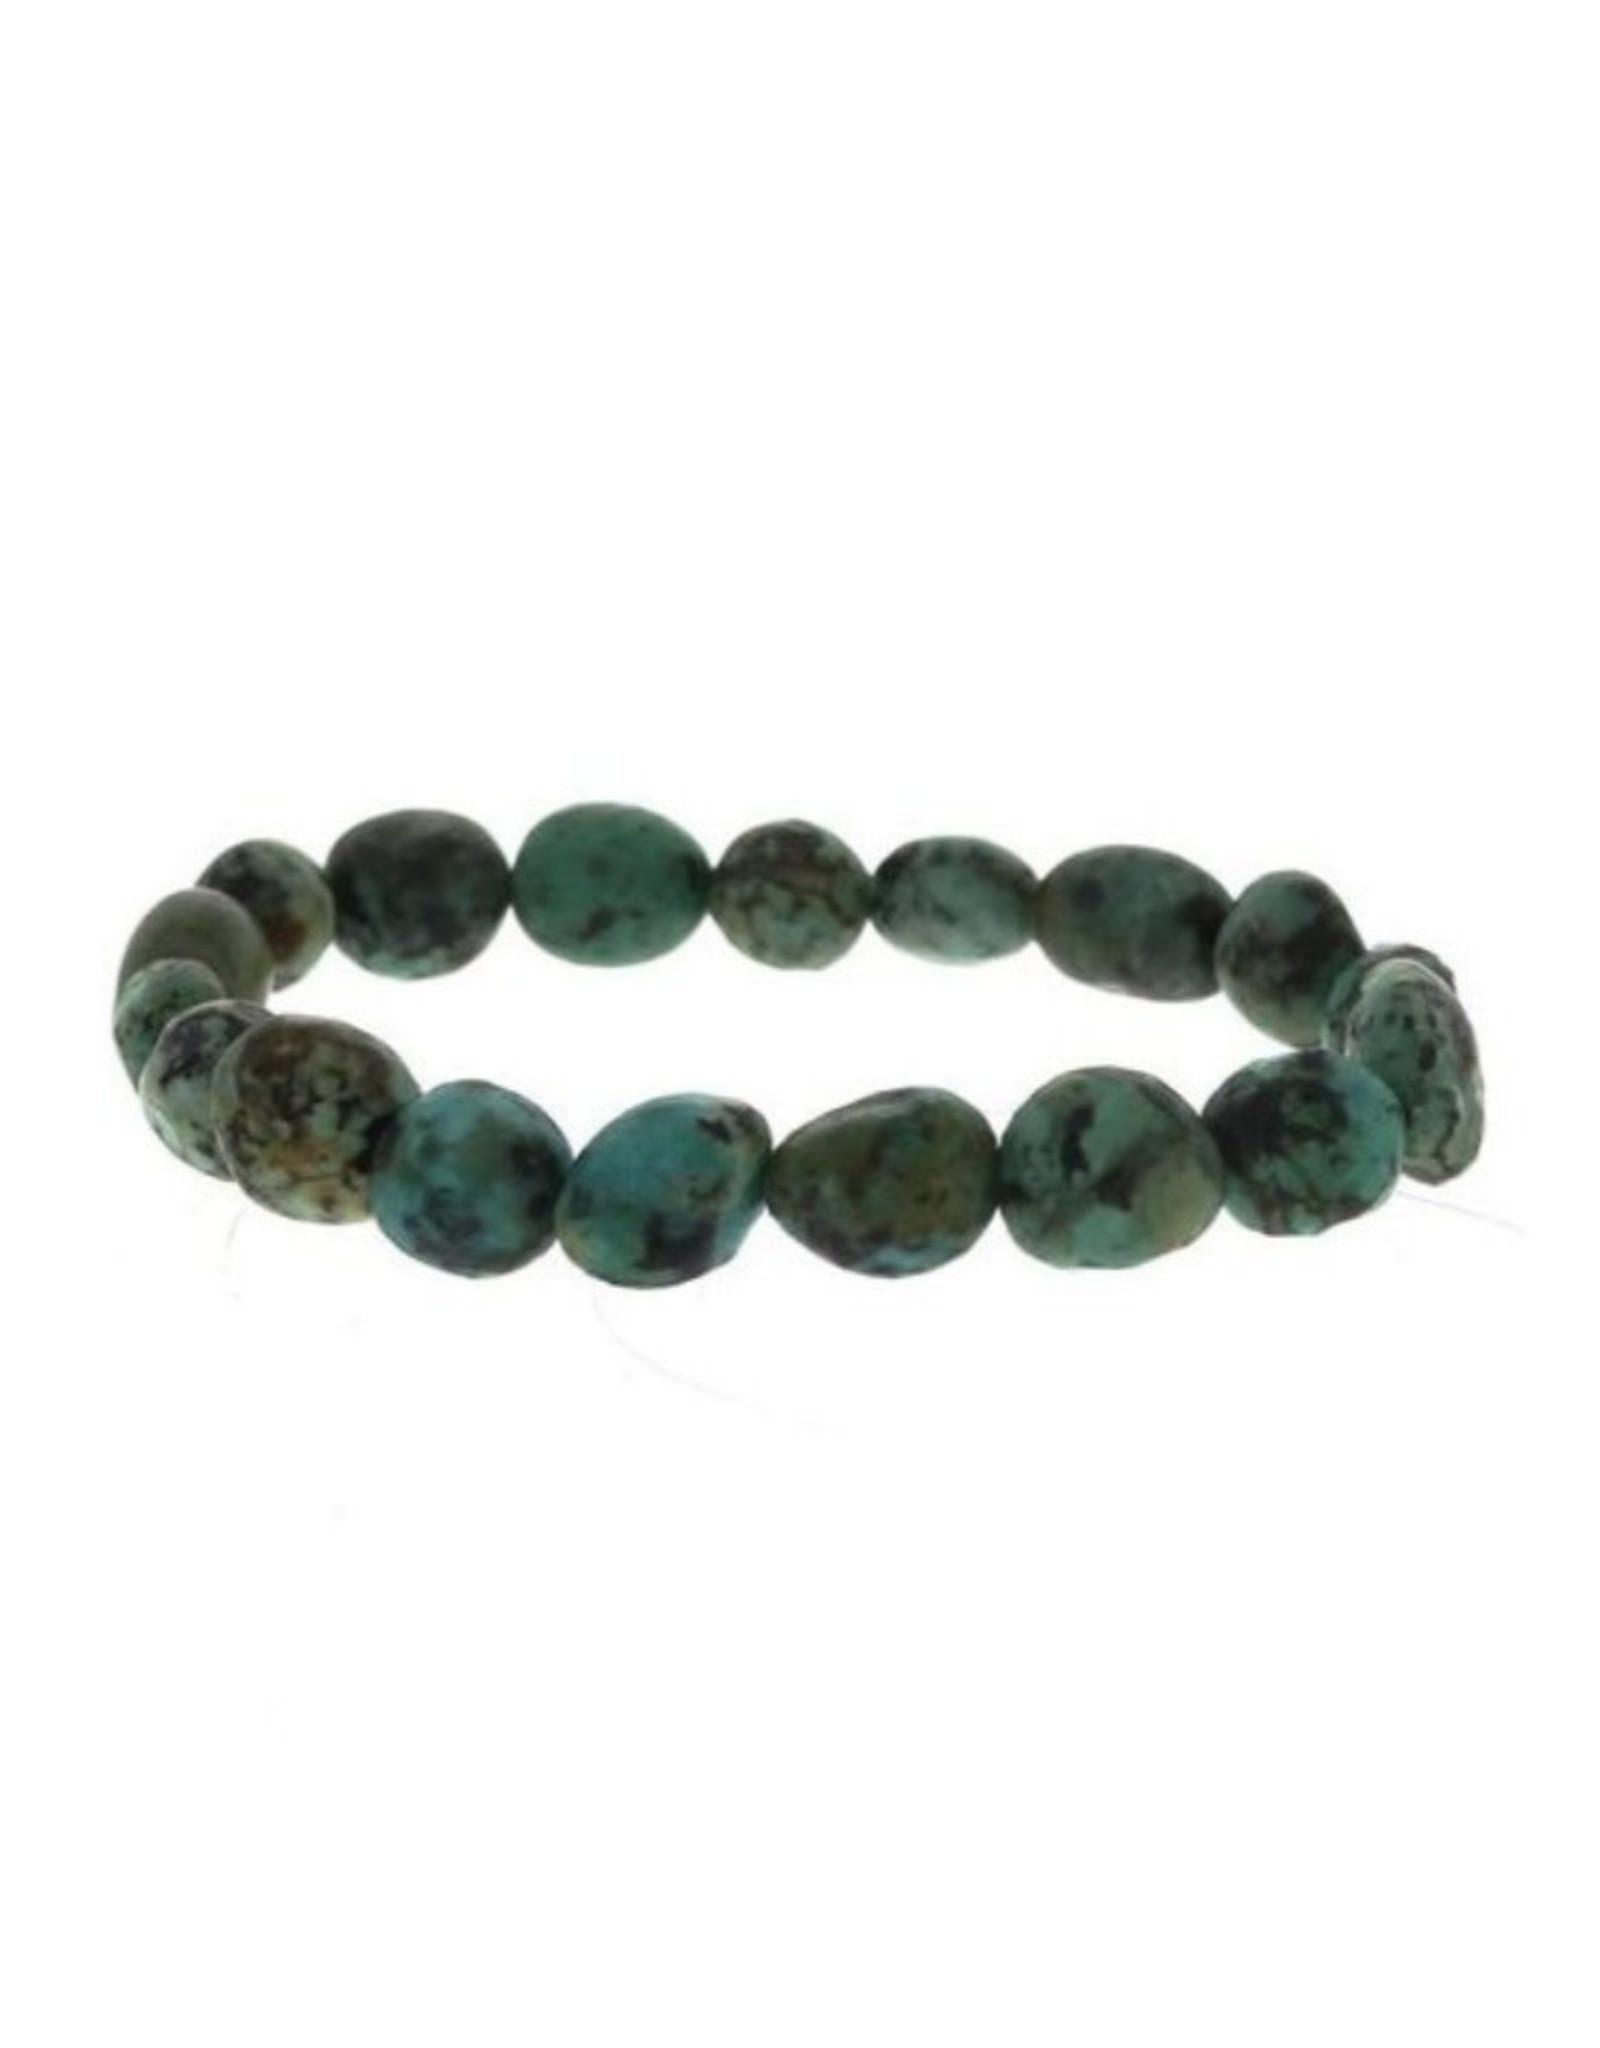 Africian Turquoise Tumbled Bead Bracelet